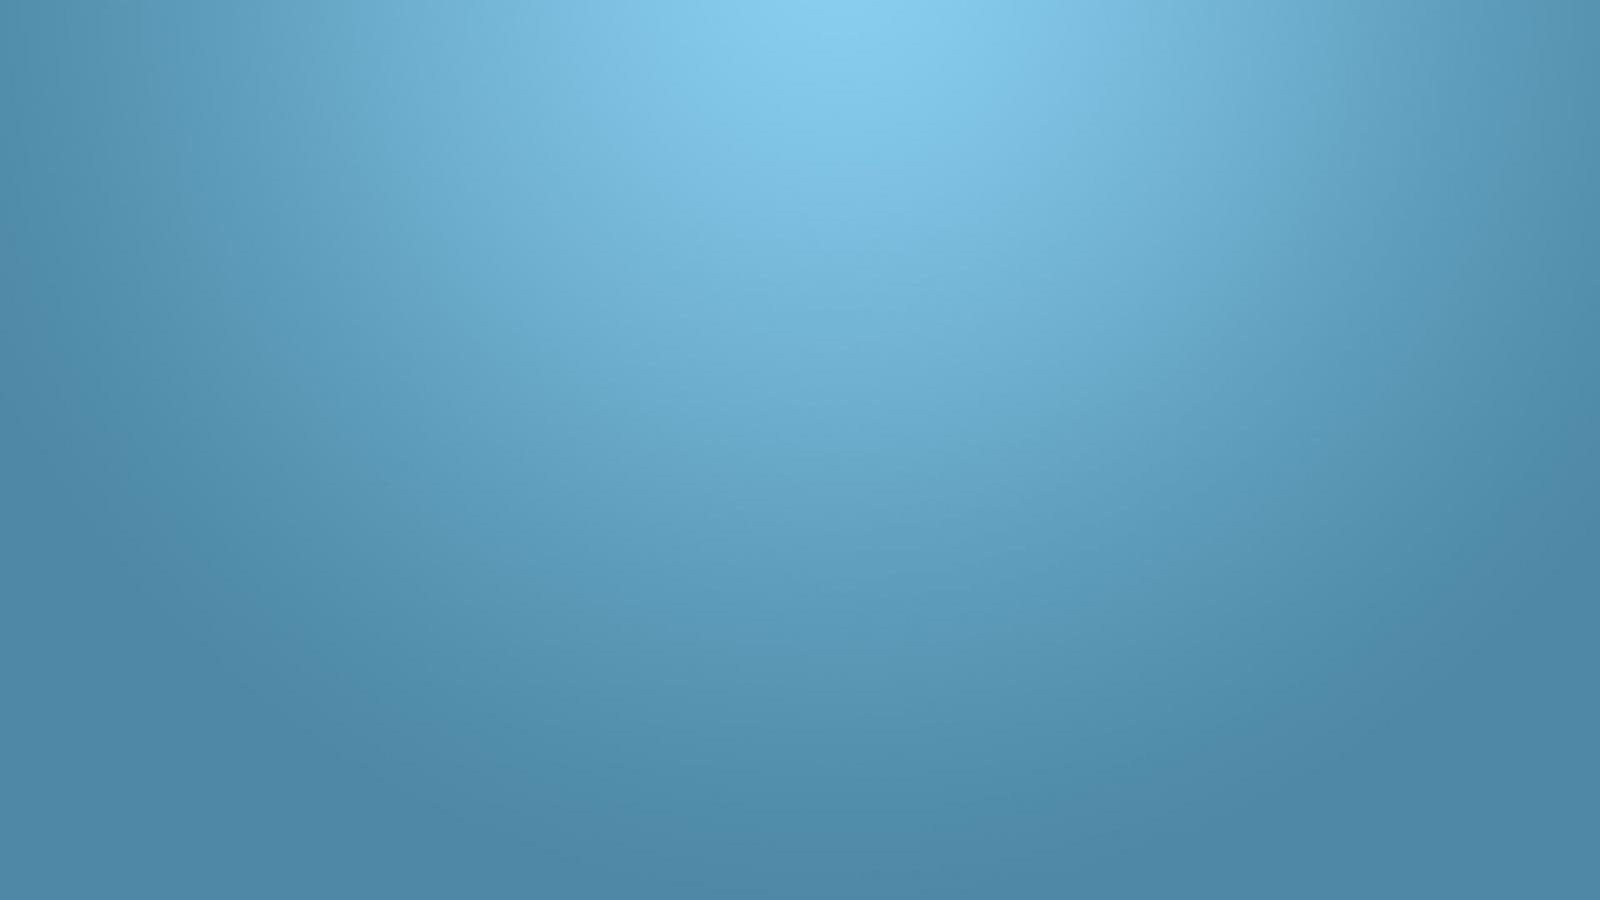 blue wallpaper blue wallpaper designs cool blue wallpapers light blue 1600x900